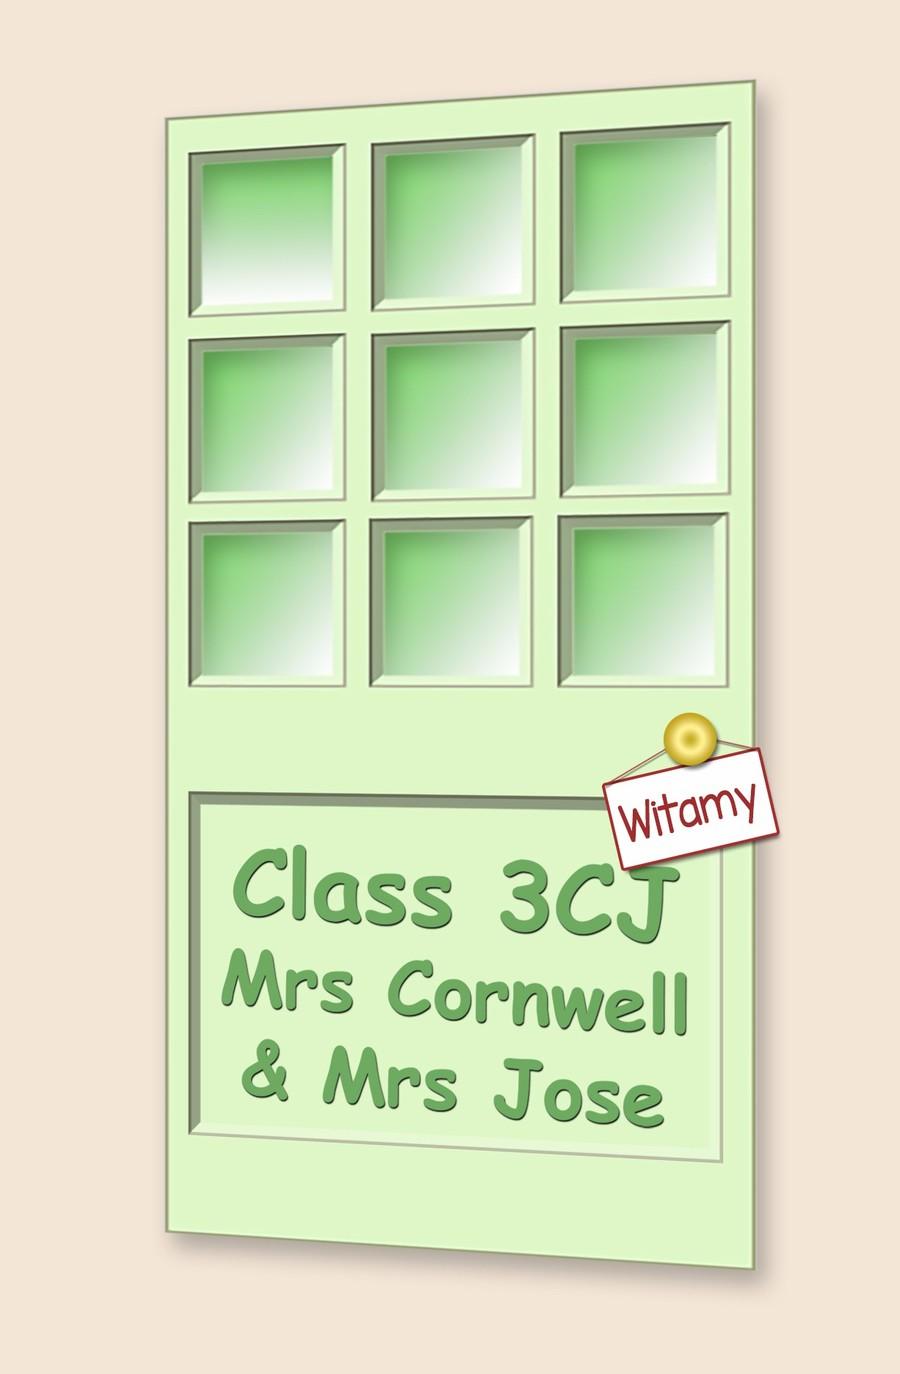 Go to Class 3CJ